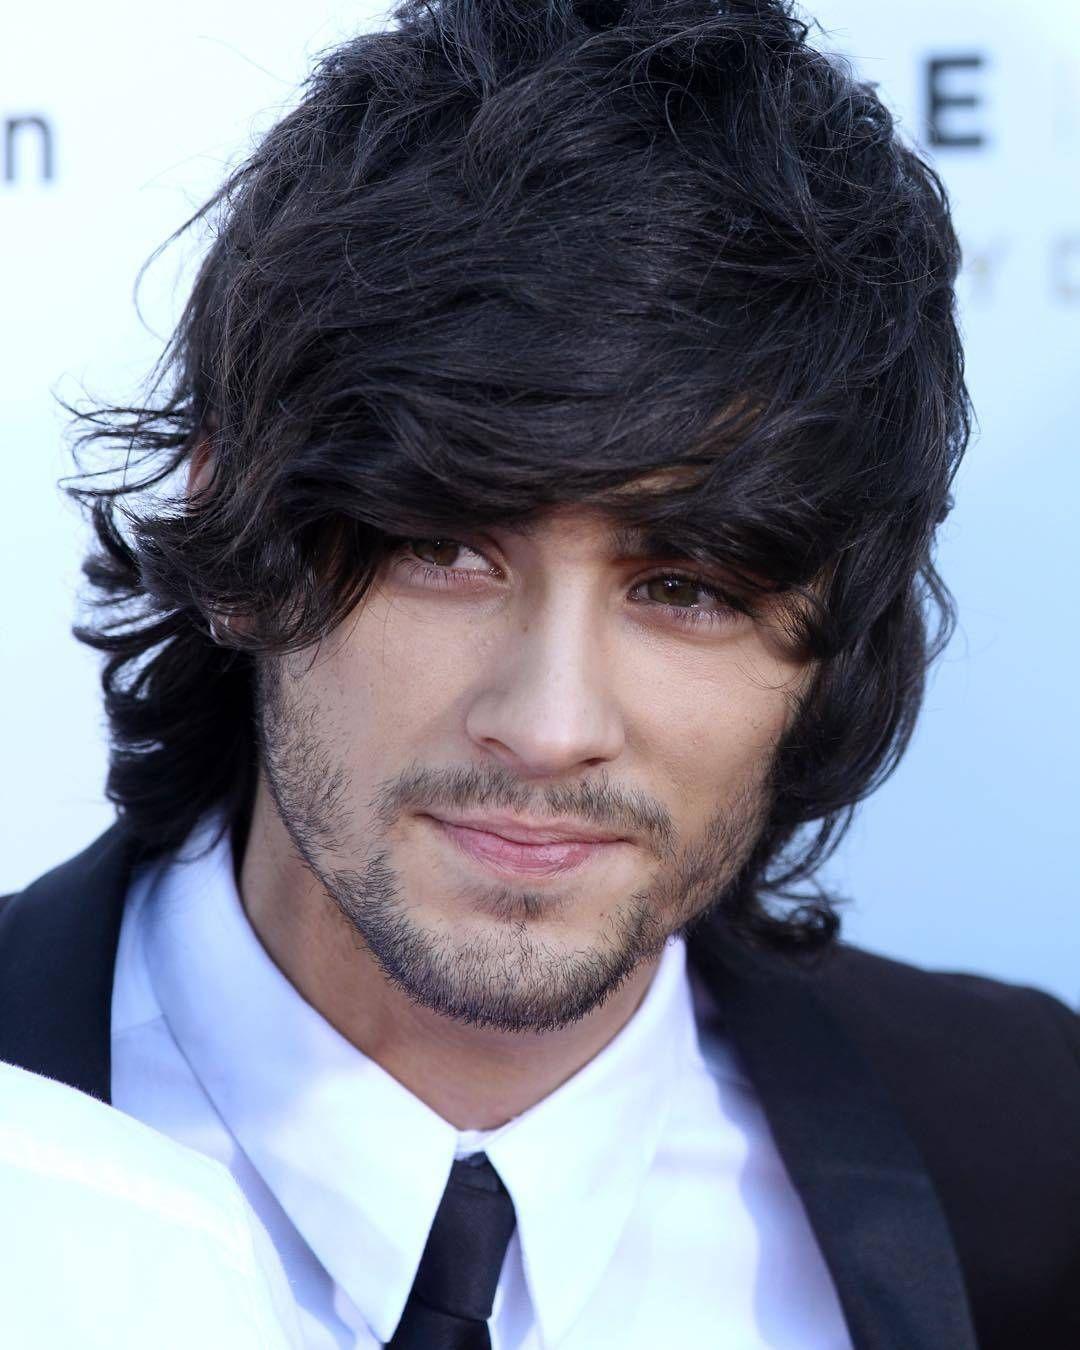 best zayn malik long hair style pic | new style in 2019